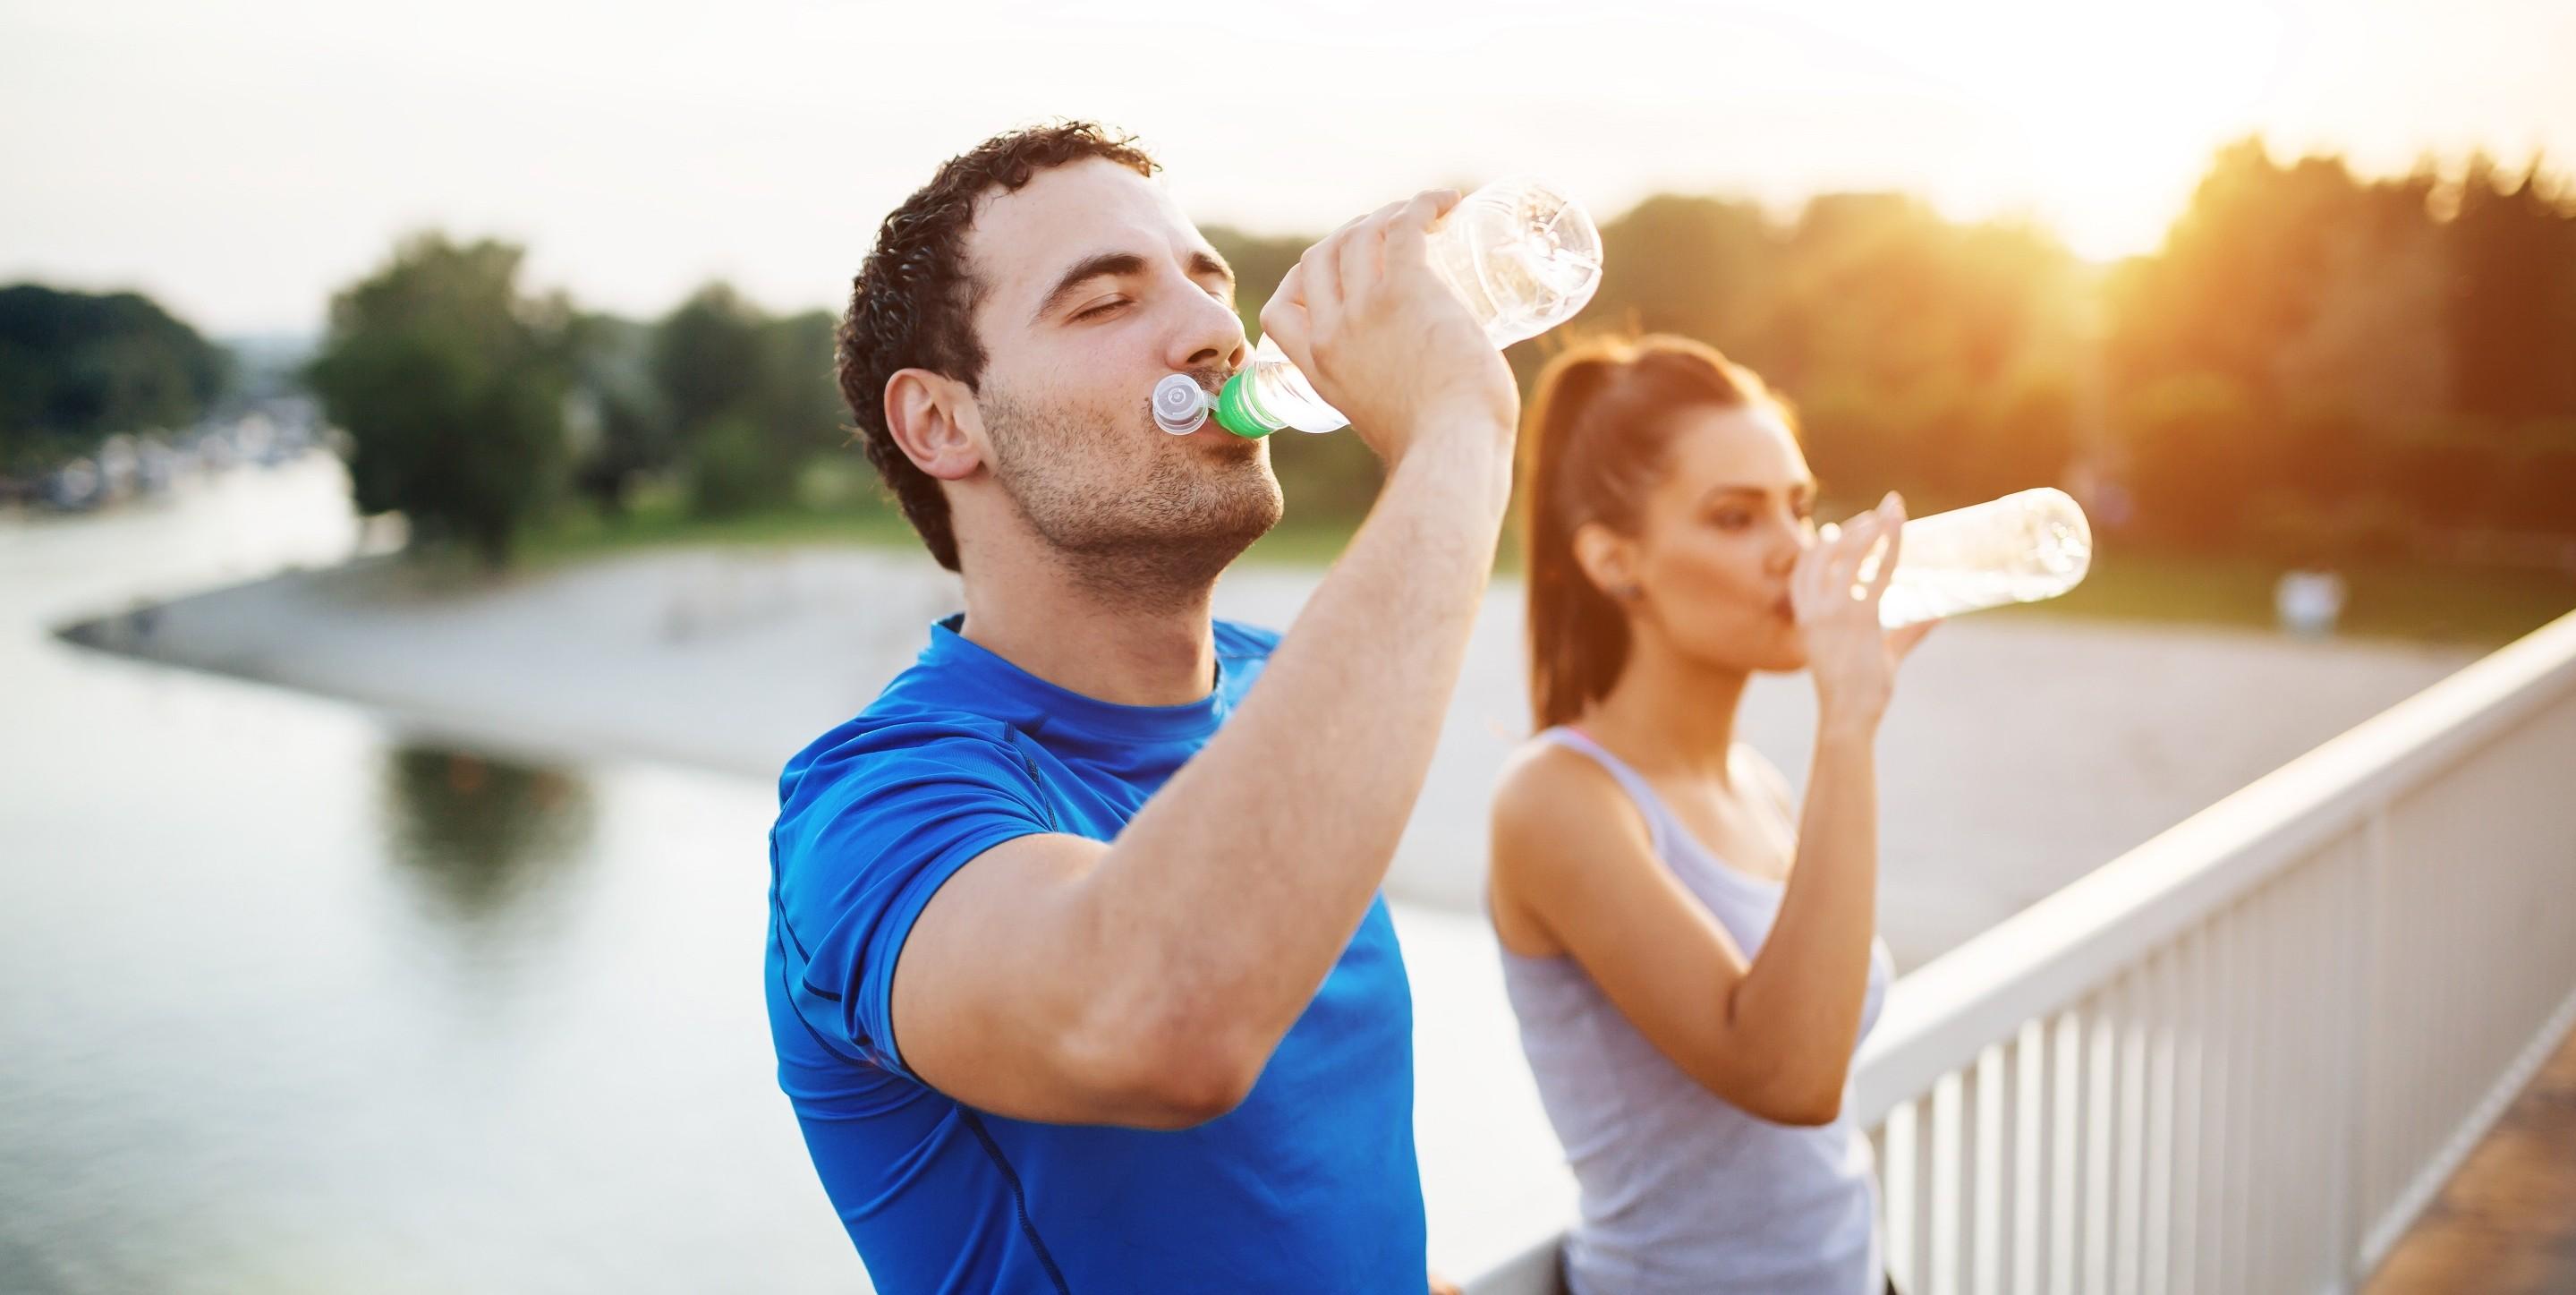 يقلل من آلام المفاصل.. أهمية وفوائد شرب الماء